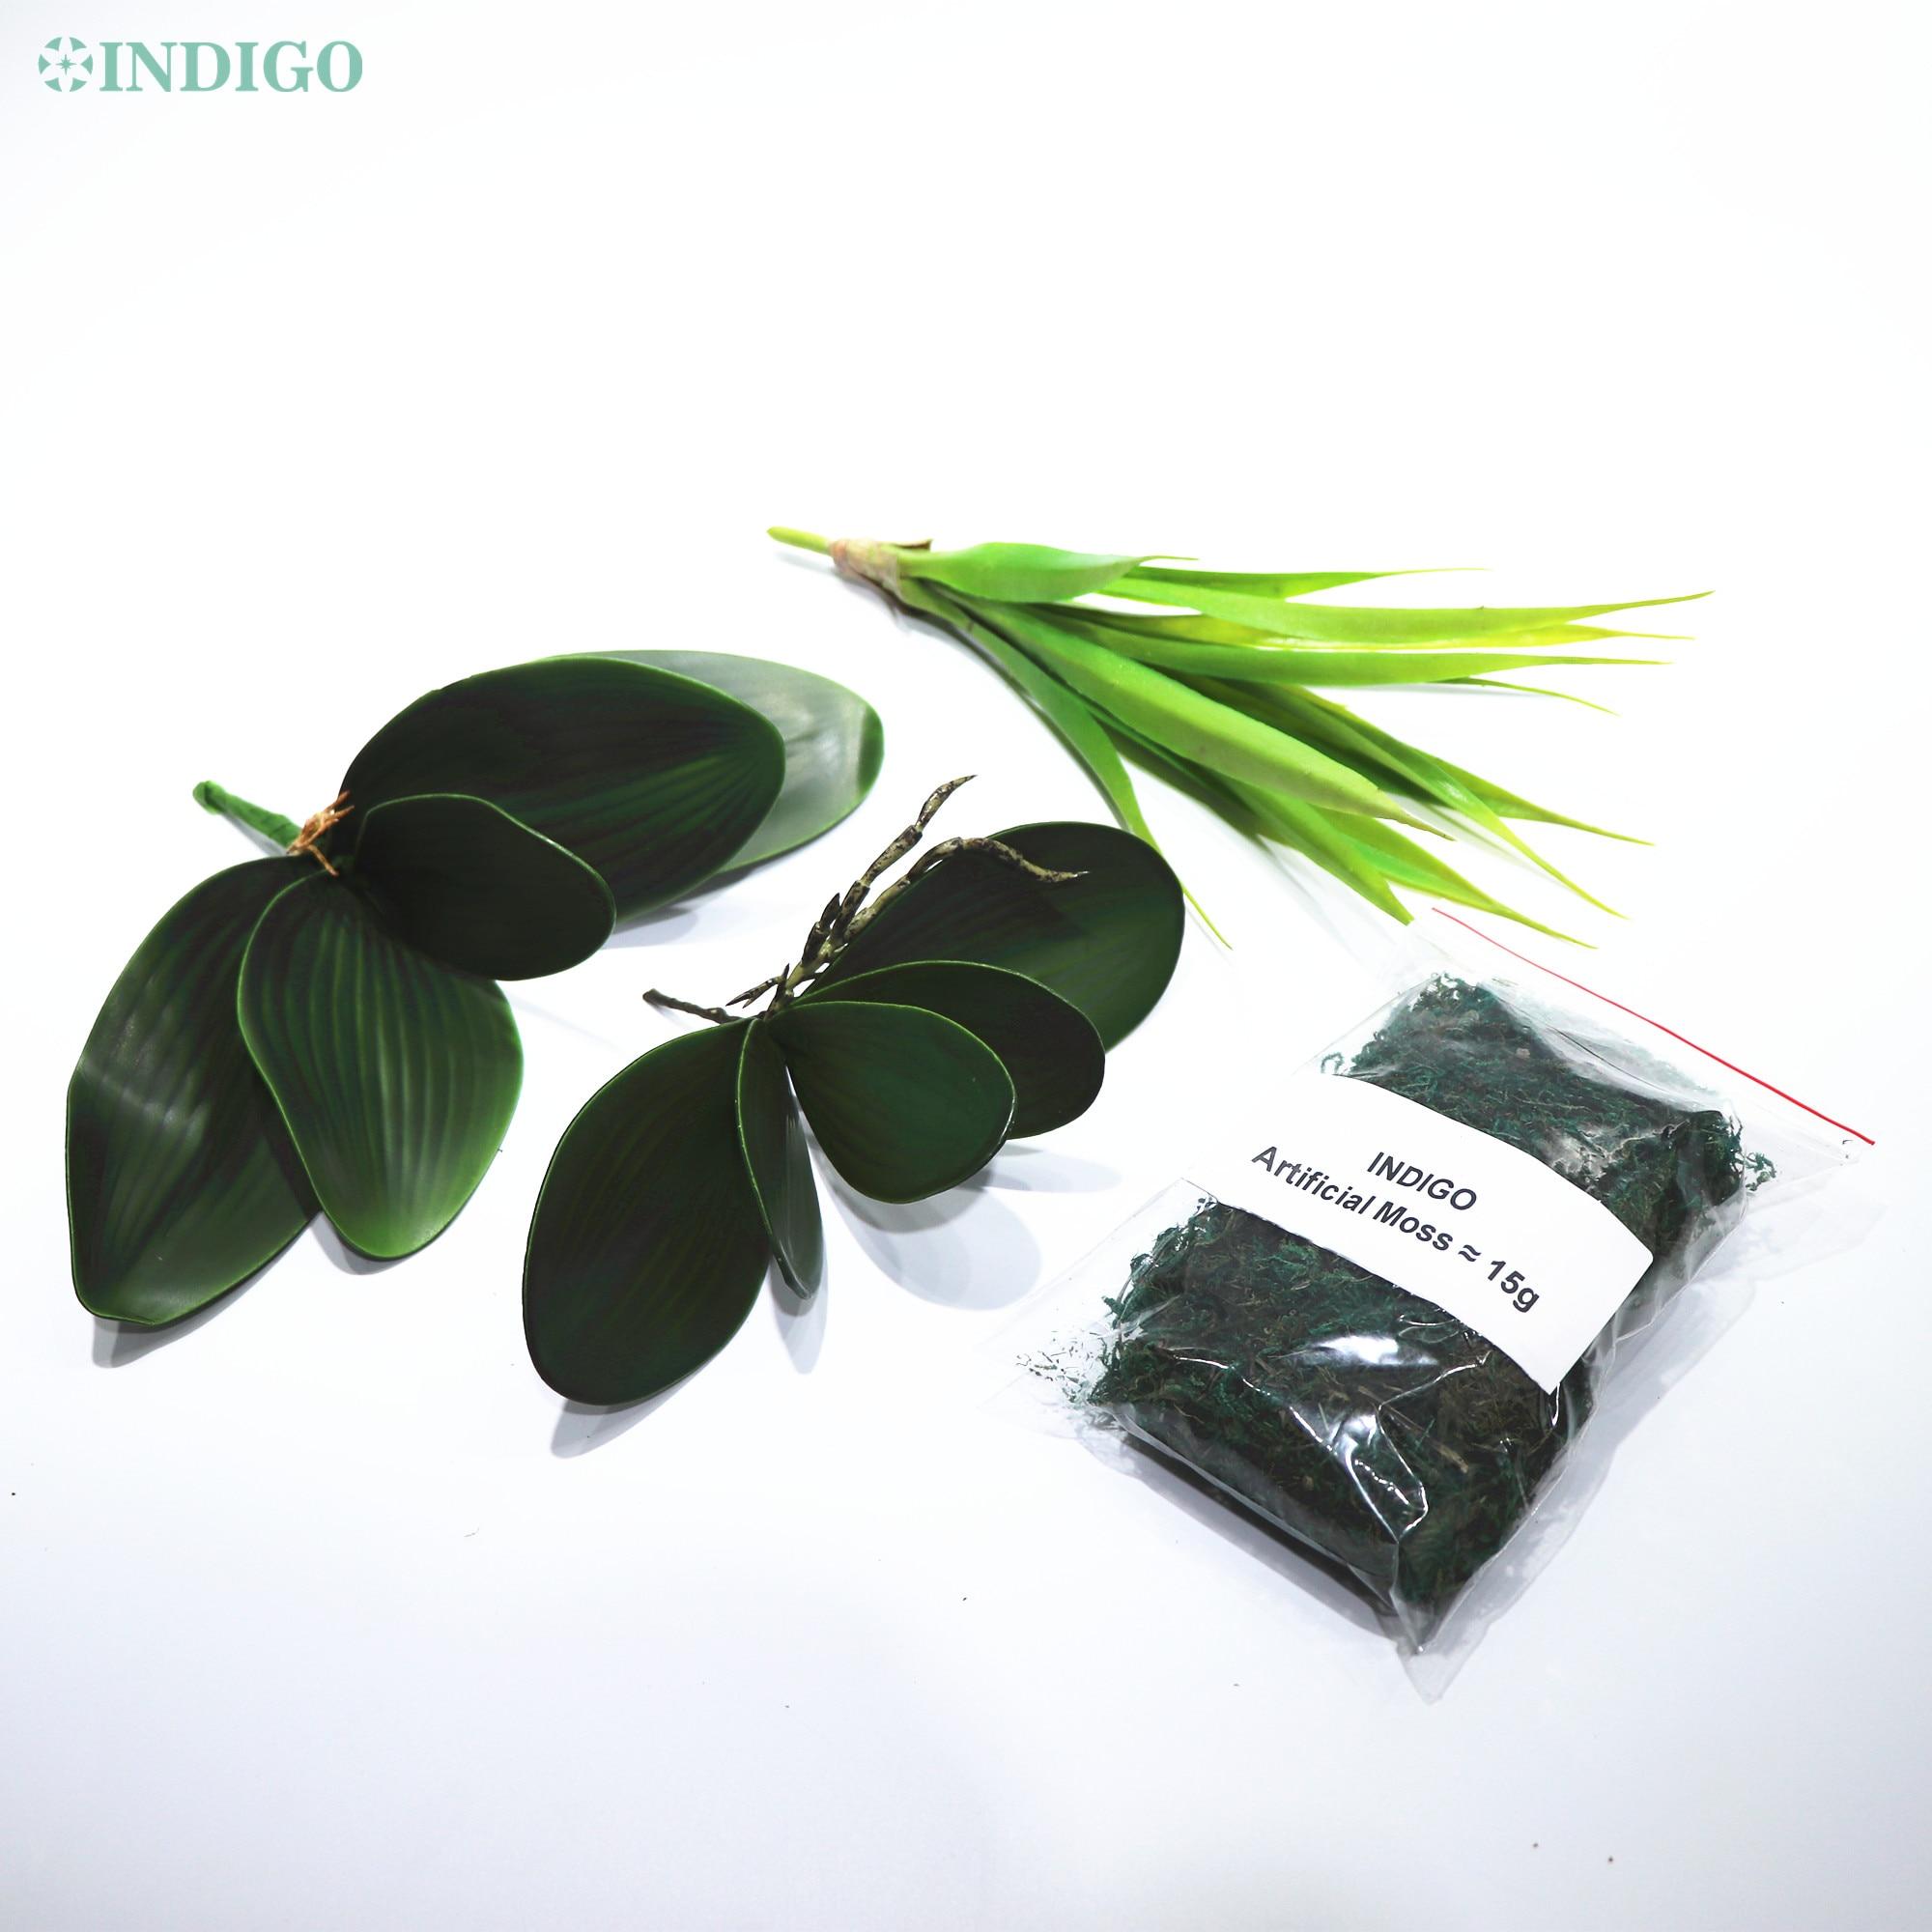 Листья листьев орхидеи Индиго на ощупь, аксессуар для организации цветов, украшение из Моха, фаленопсис, бабочки, орхидеи, листья